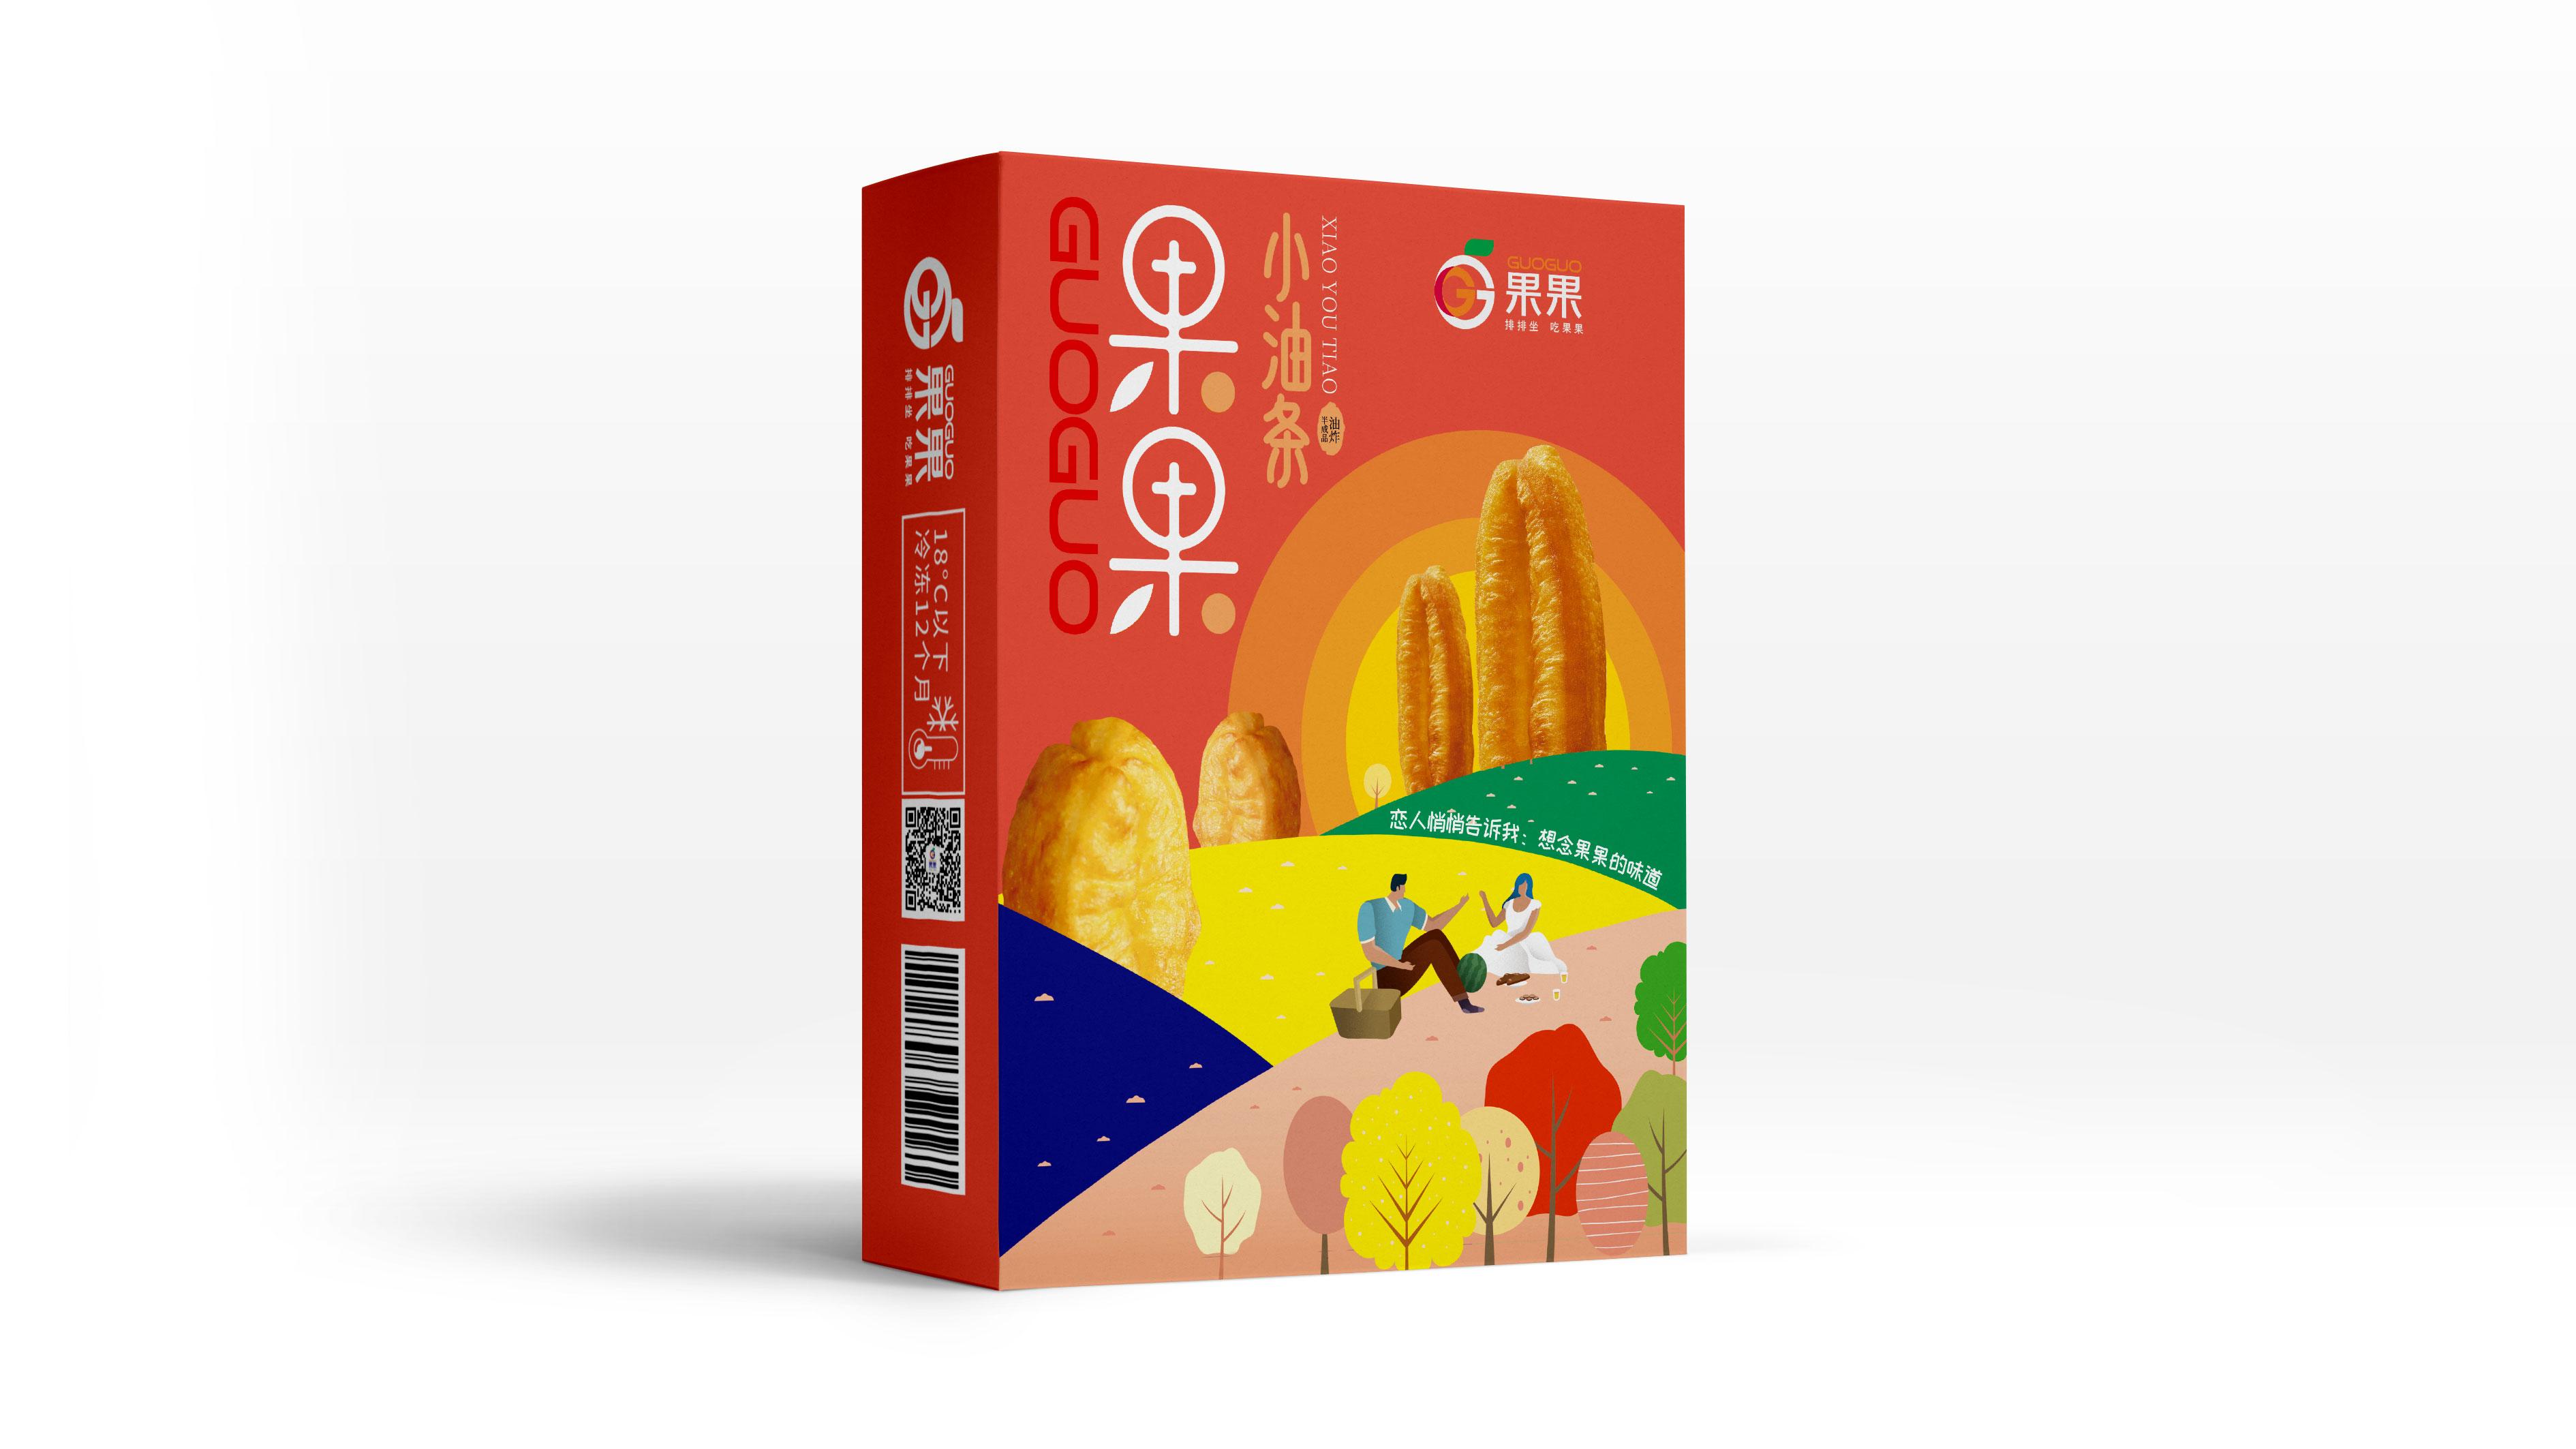 果果小油条品牌包装设计